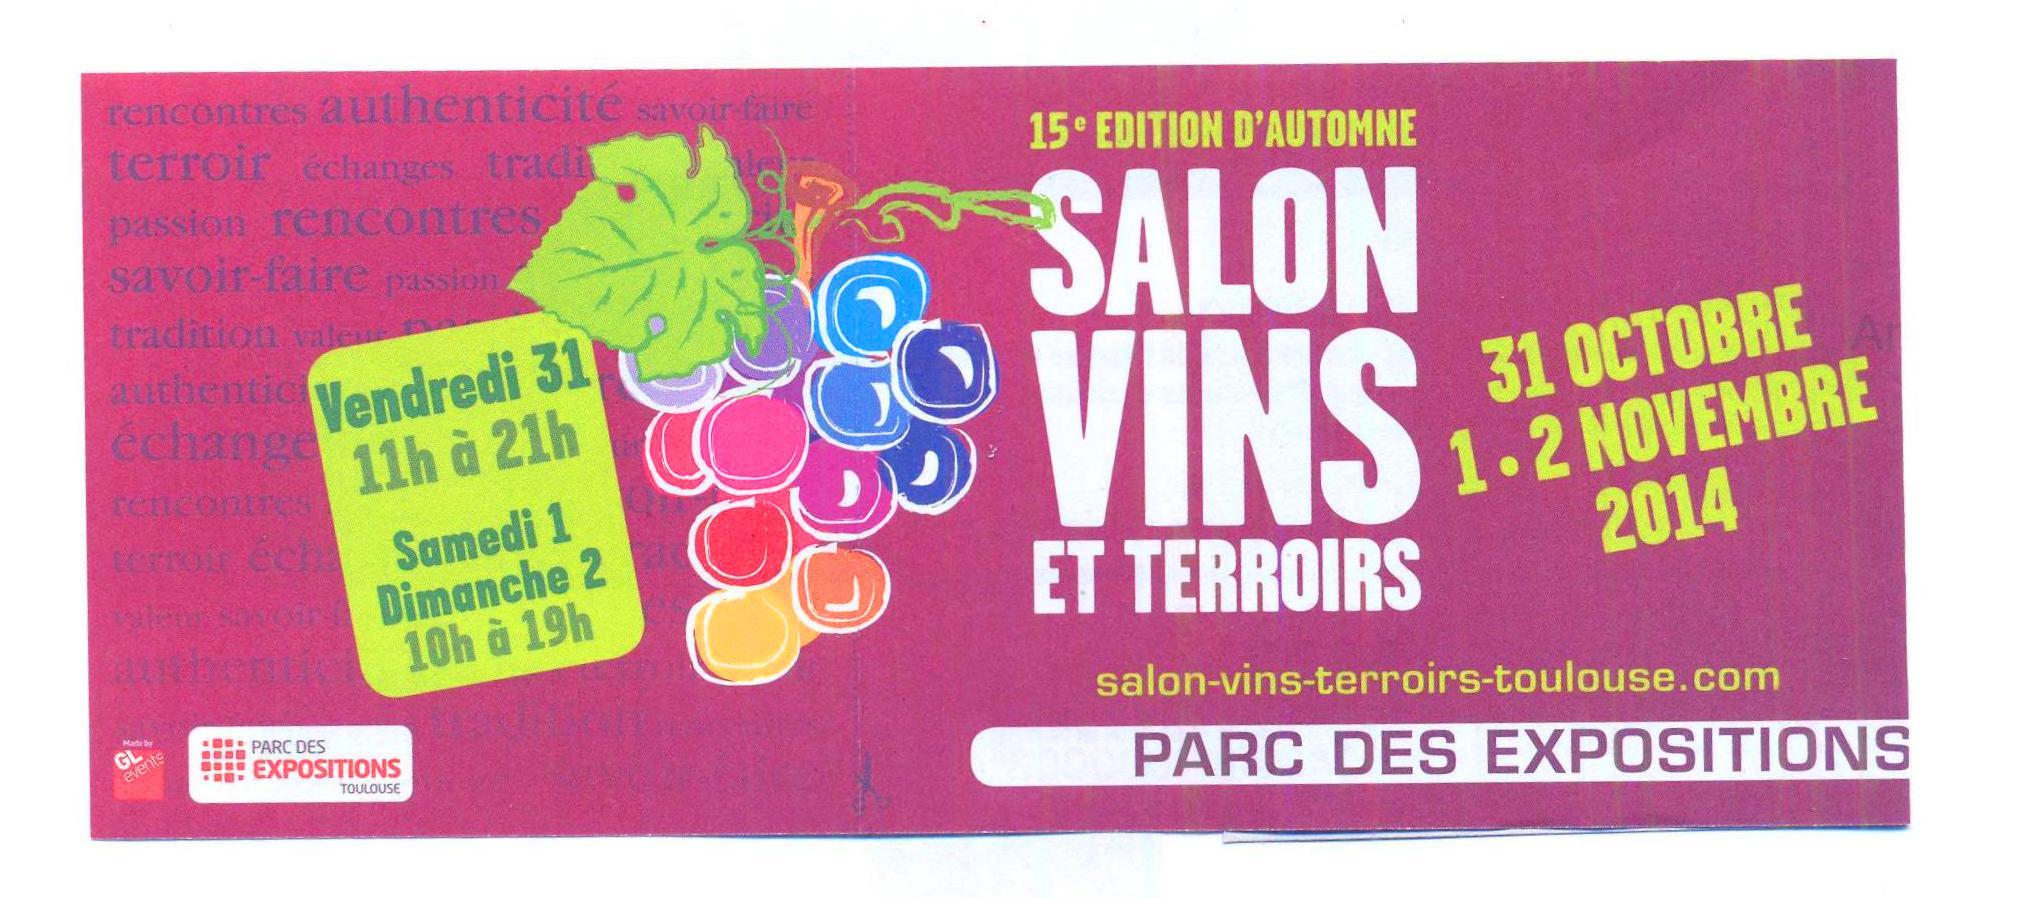 Salon vins et terroirs toulouse domainde de thulon for Salon toulouse